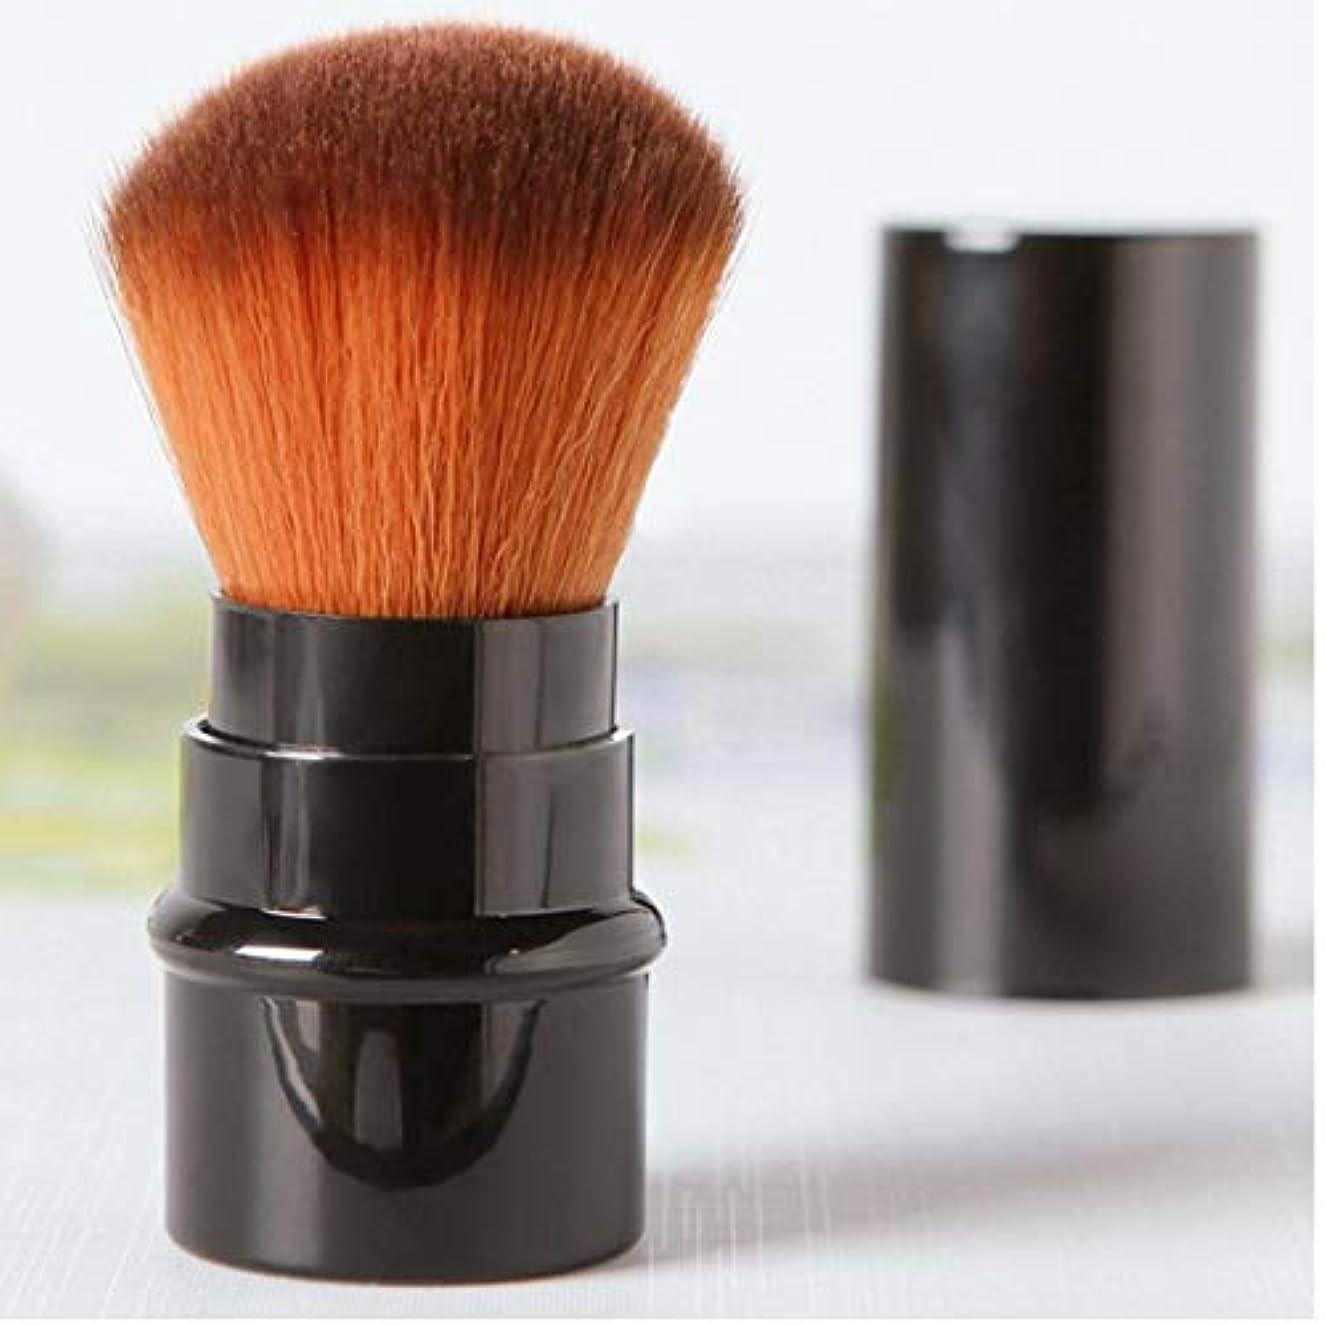 国内のもっと背骨ブラッシュ、ブロンザー、蛍光ペン用ミニトラベルサイズマルチタスクメイクブラシ(包装色と取り扱い色が異なる場合があります)